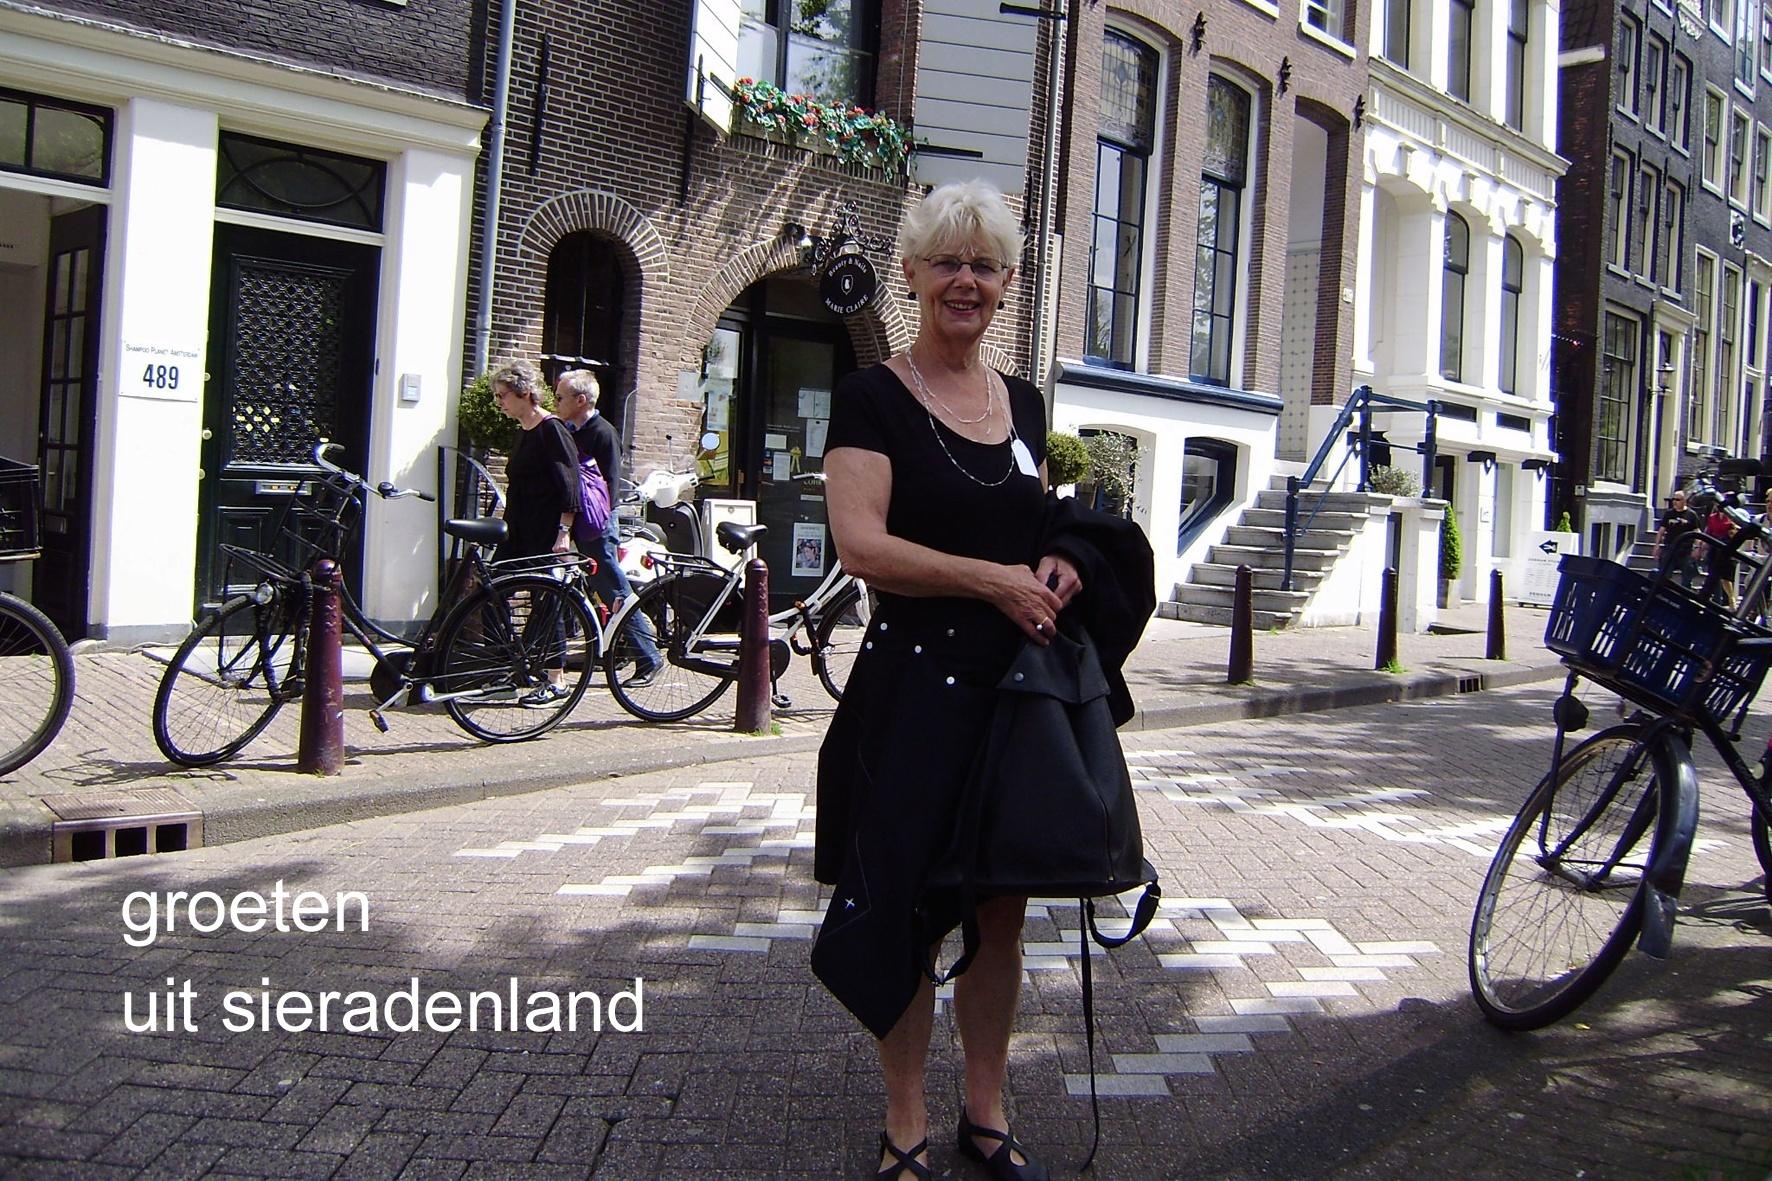 Claartje Keur, Zelfportret met halssieraad van Manon van Kouswijk, Amsterdam, Prinsengracht, 22 mei 2010. Foto Claartje Keur